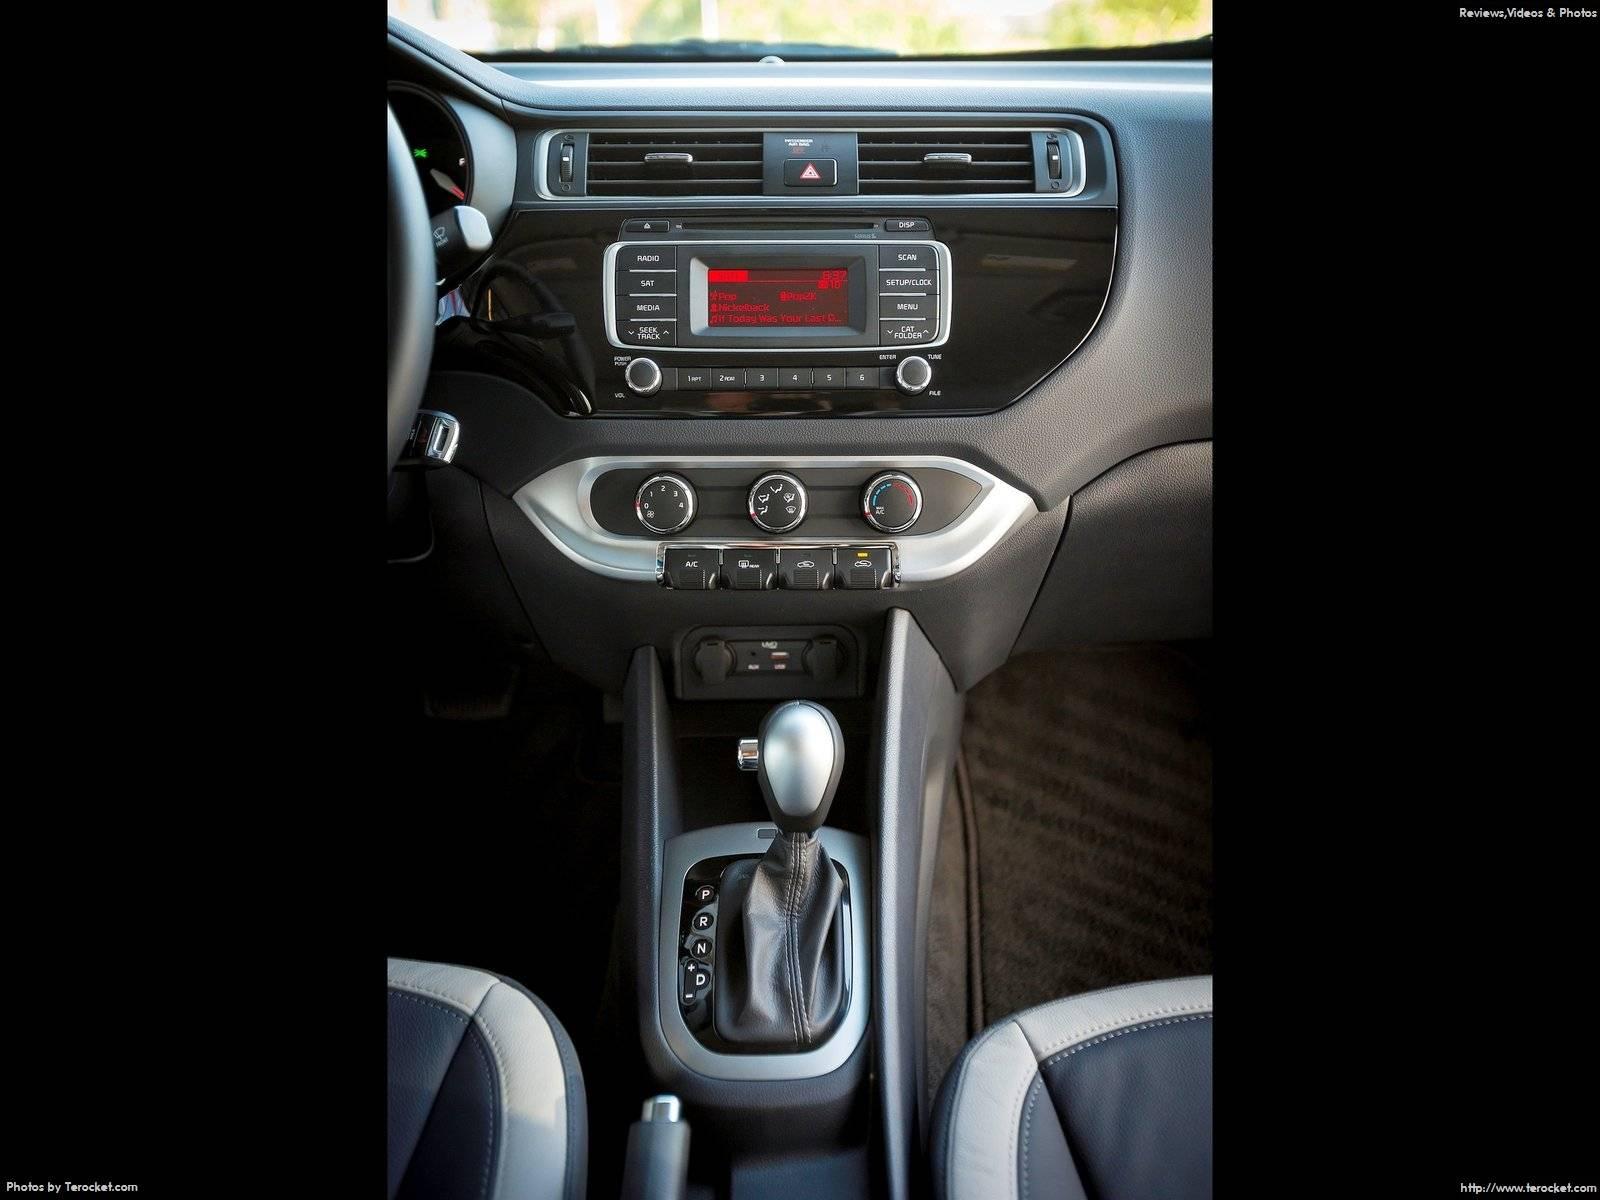 Hình ảnh xe ô tô Kia Rio Sedan 2016 & nội ngoại thất